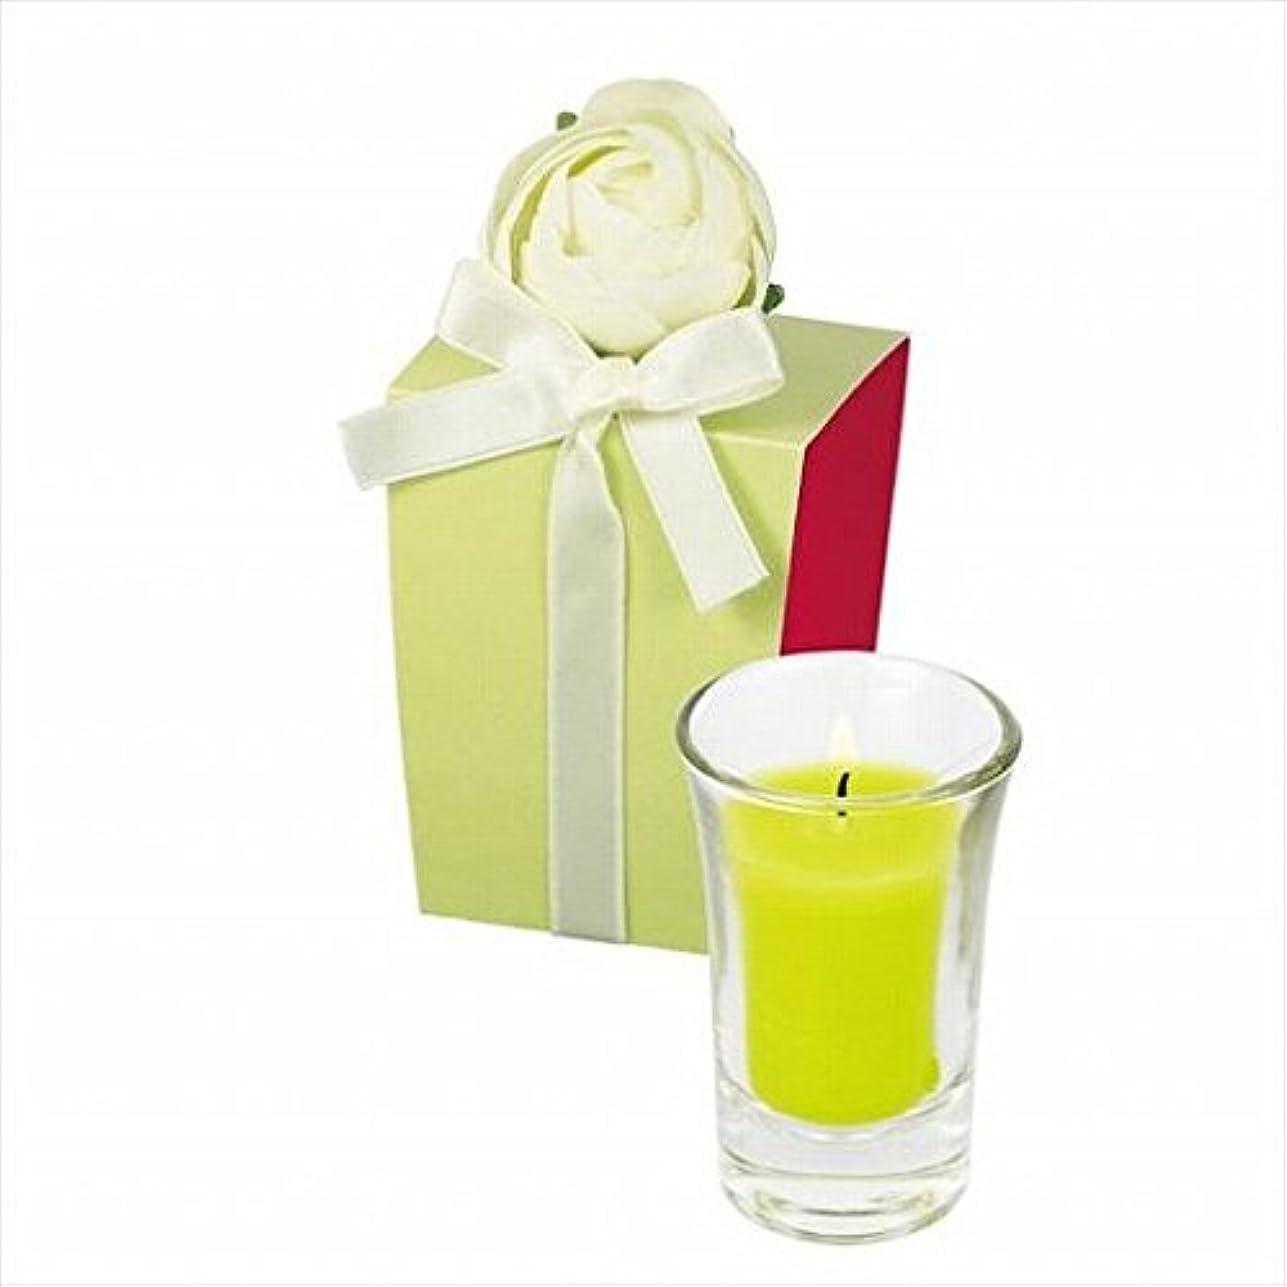 重大日付付き帽子kameyama candle(カメヤマキャンドル) ラナンキュラスグラスキャンドル 「 ライトグリーン 」(A9390500LG)